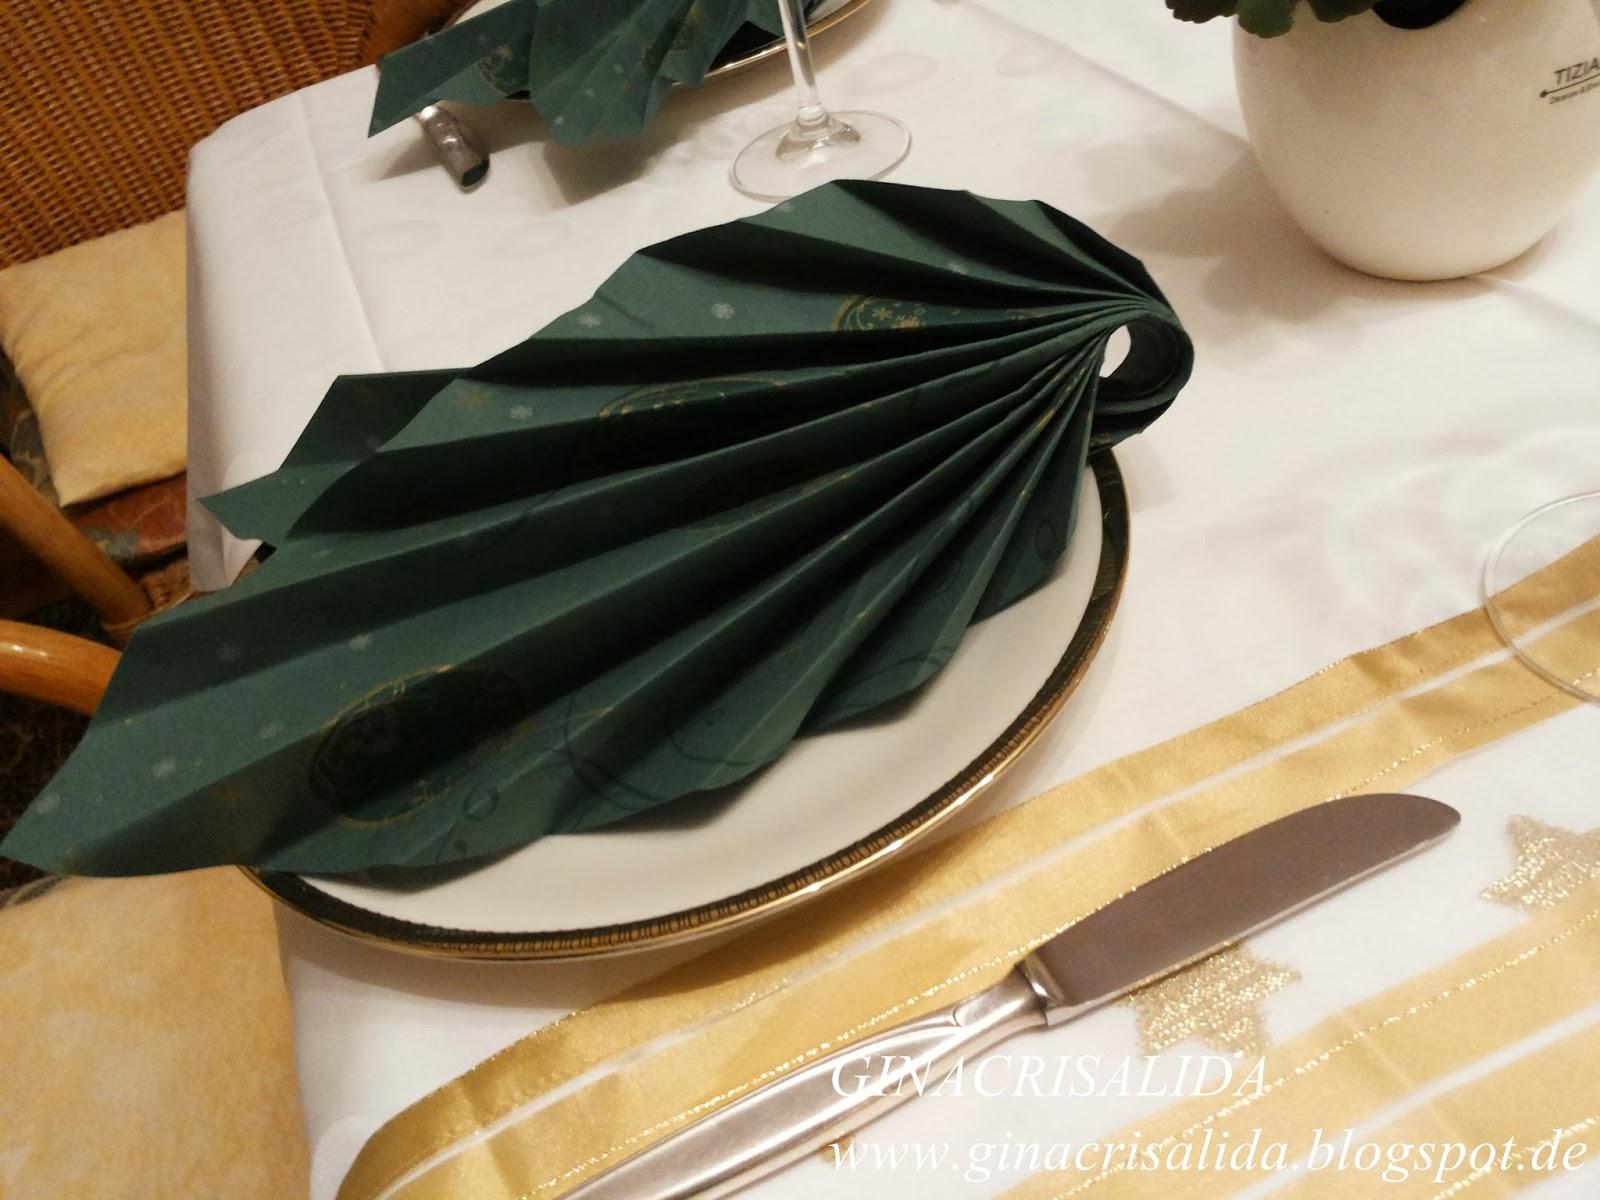 Luxus Servietten Falten Zweifarbig Design